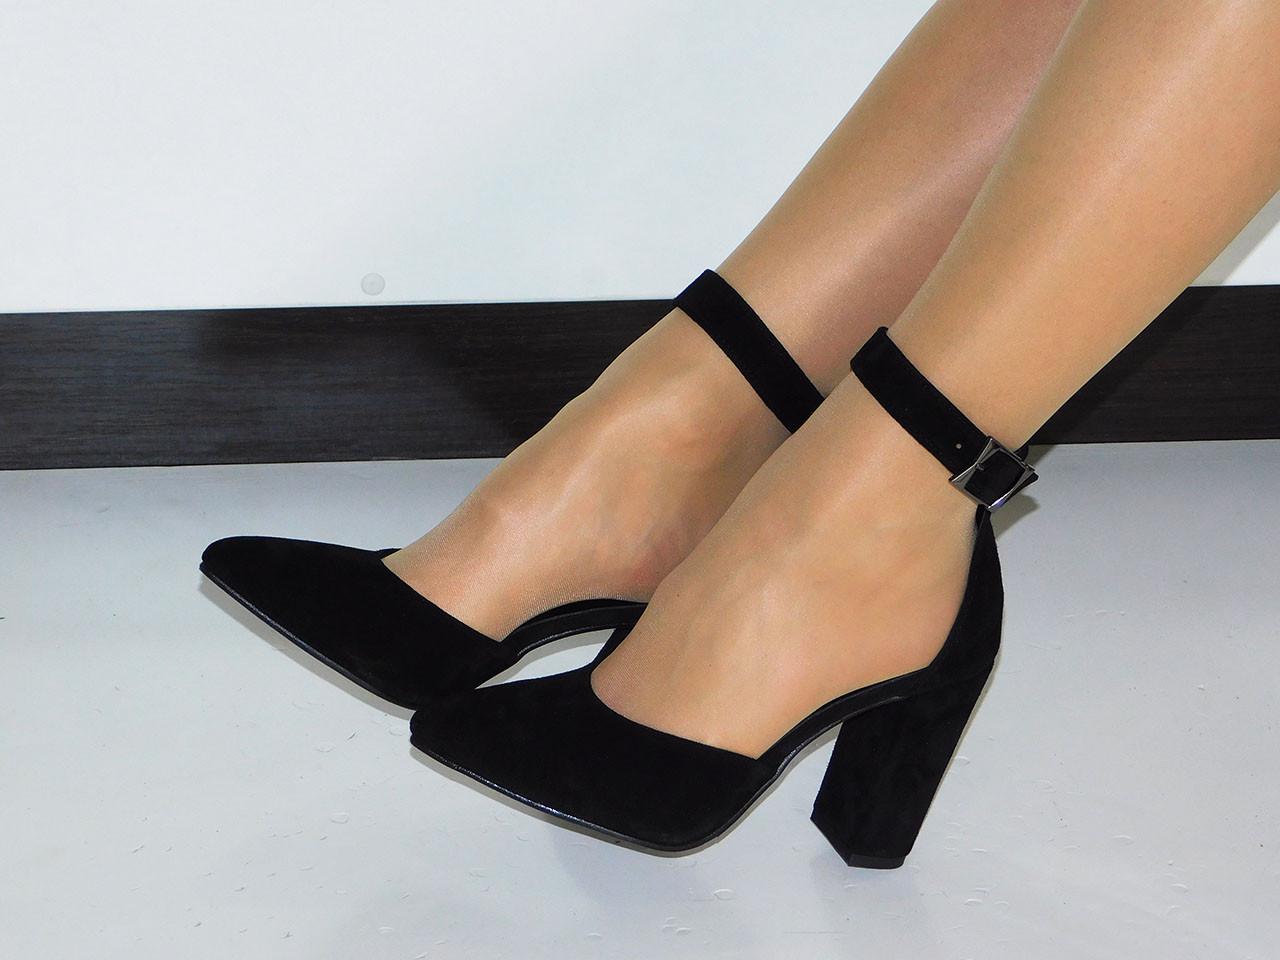 642f7fbe7 Летние туфли (босоножки) женские черные из натуральной замши на толстом  каблуке - магазин женской